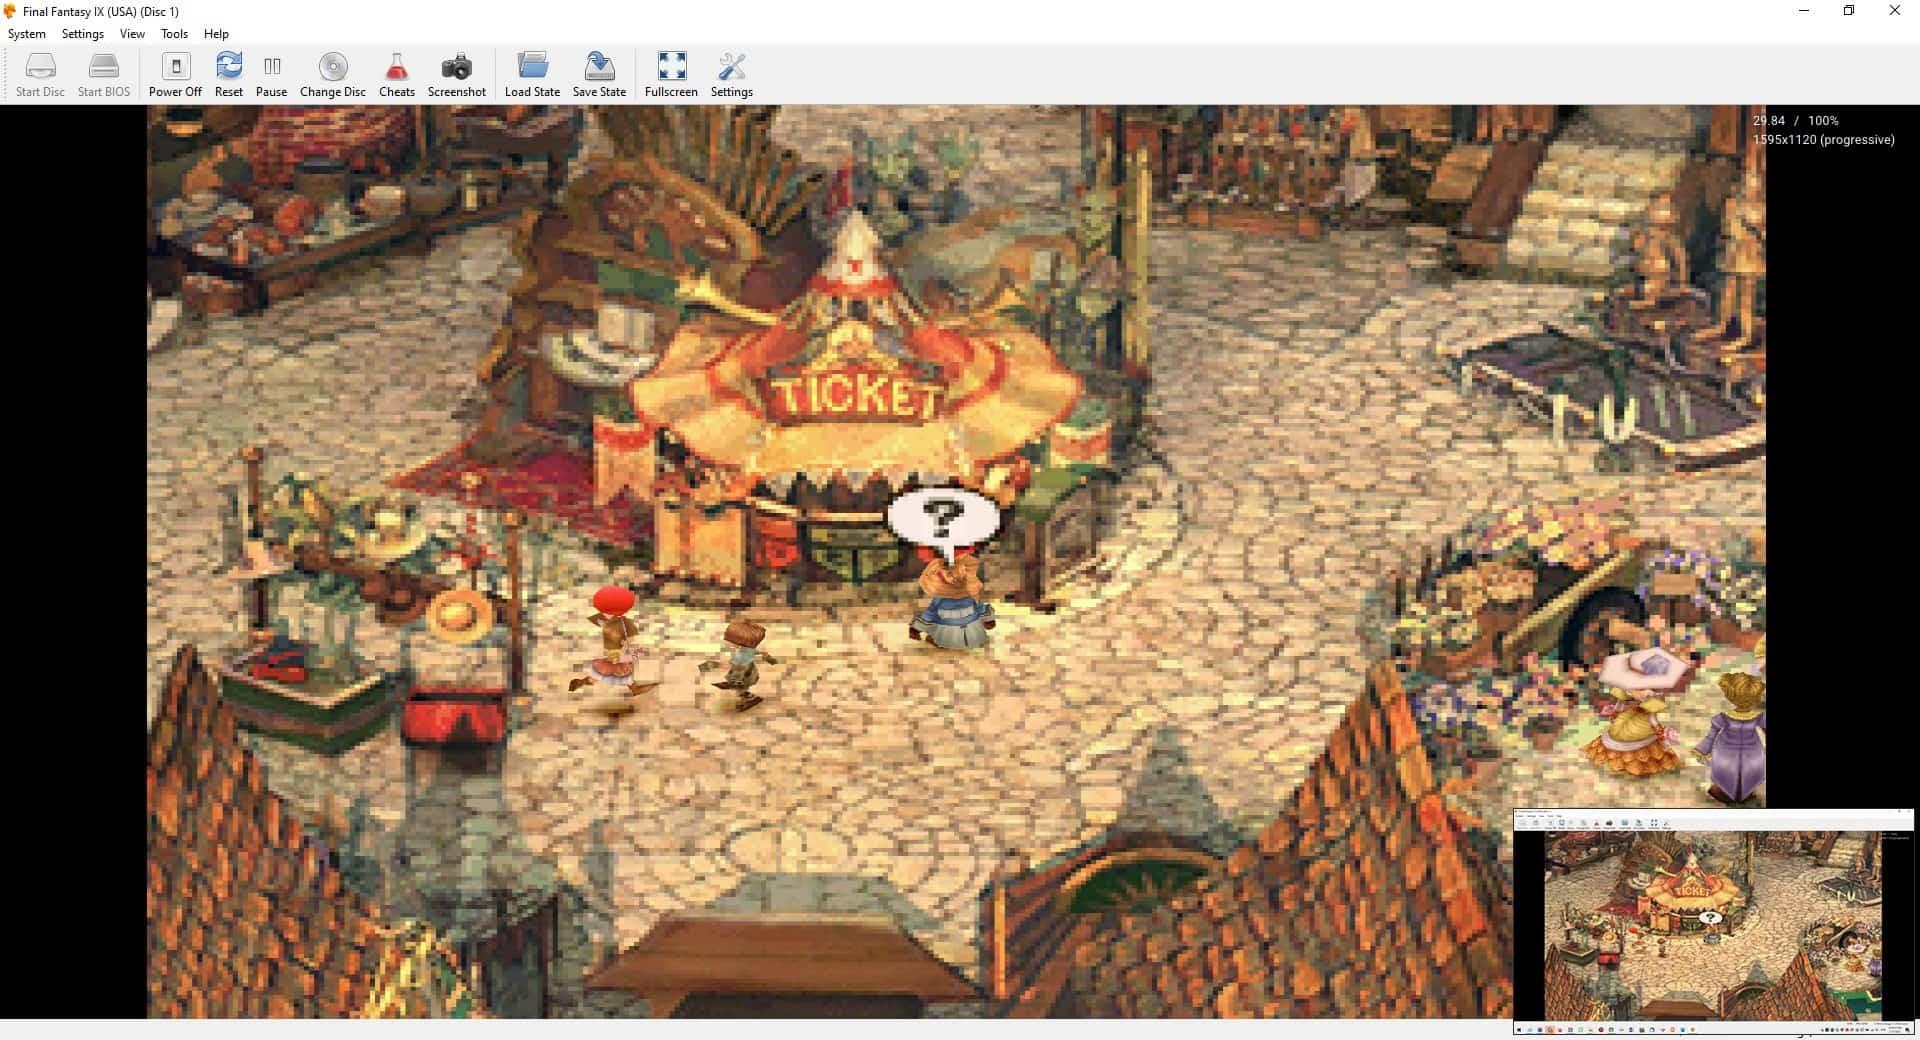 Duckstation emulator example